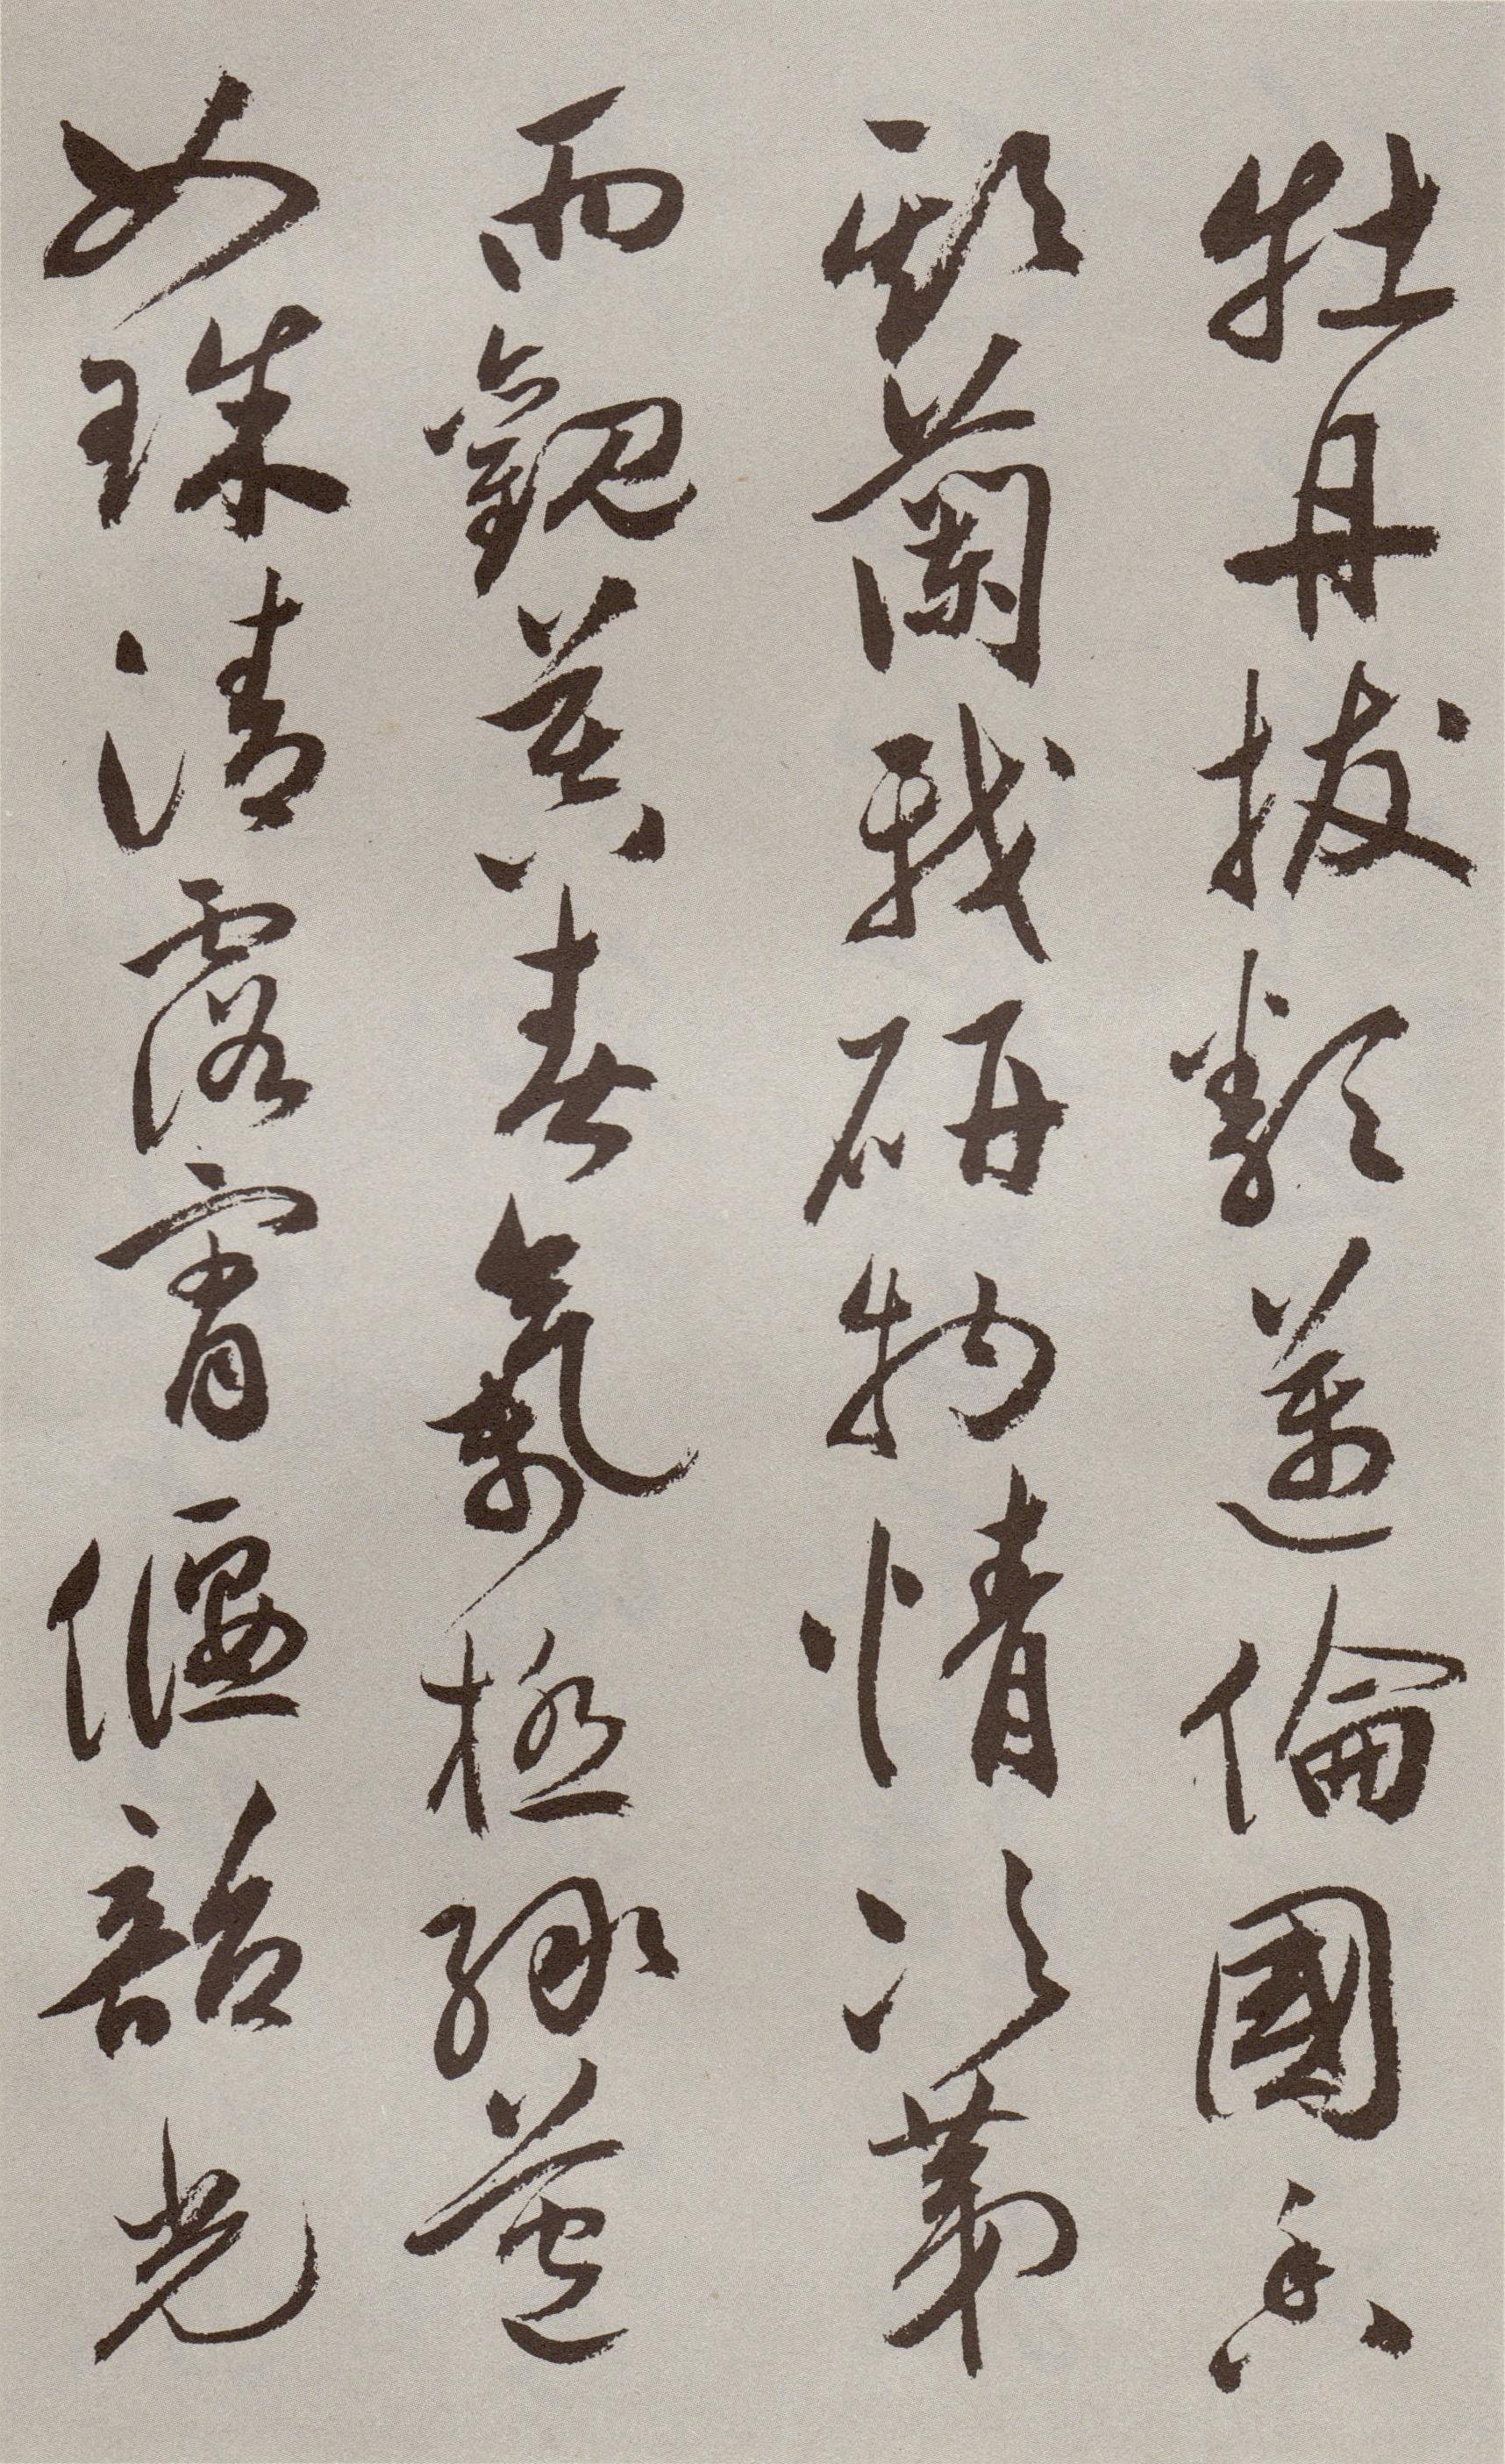 祝允明行书《牡丹赋》 - 香儿 - xianger